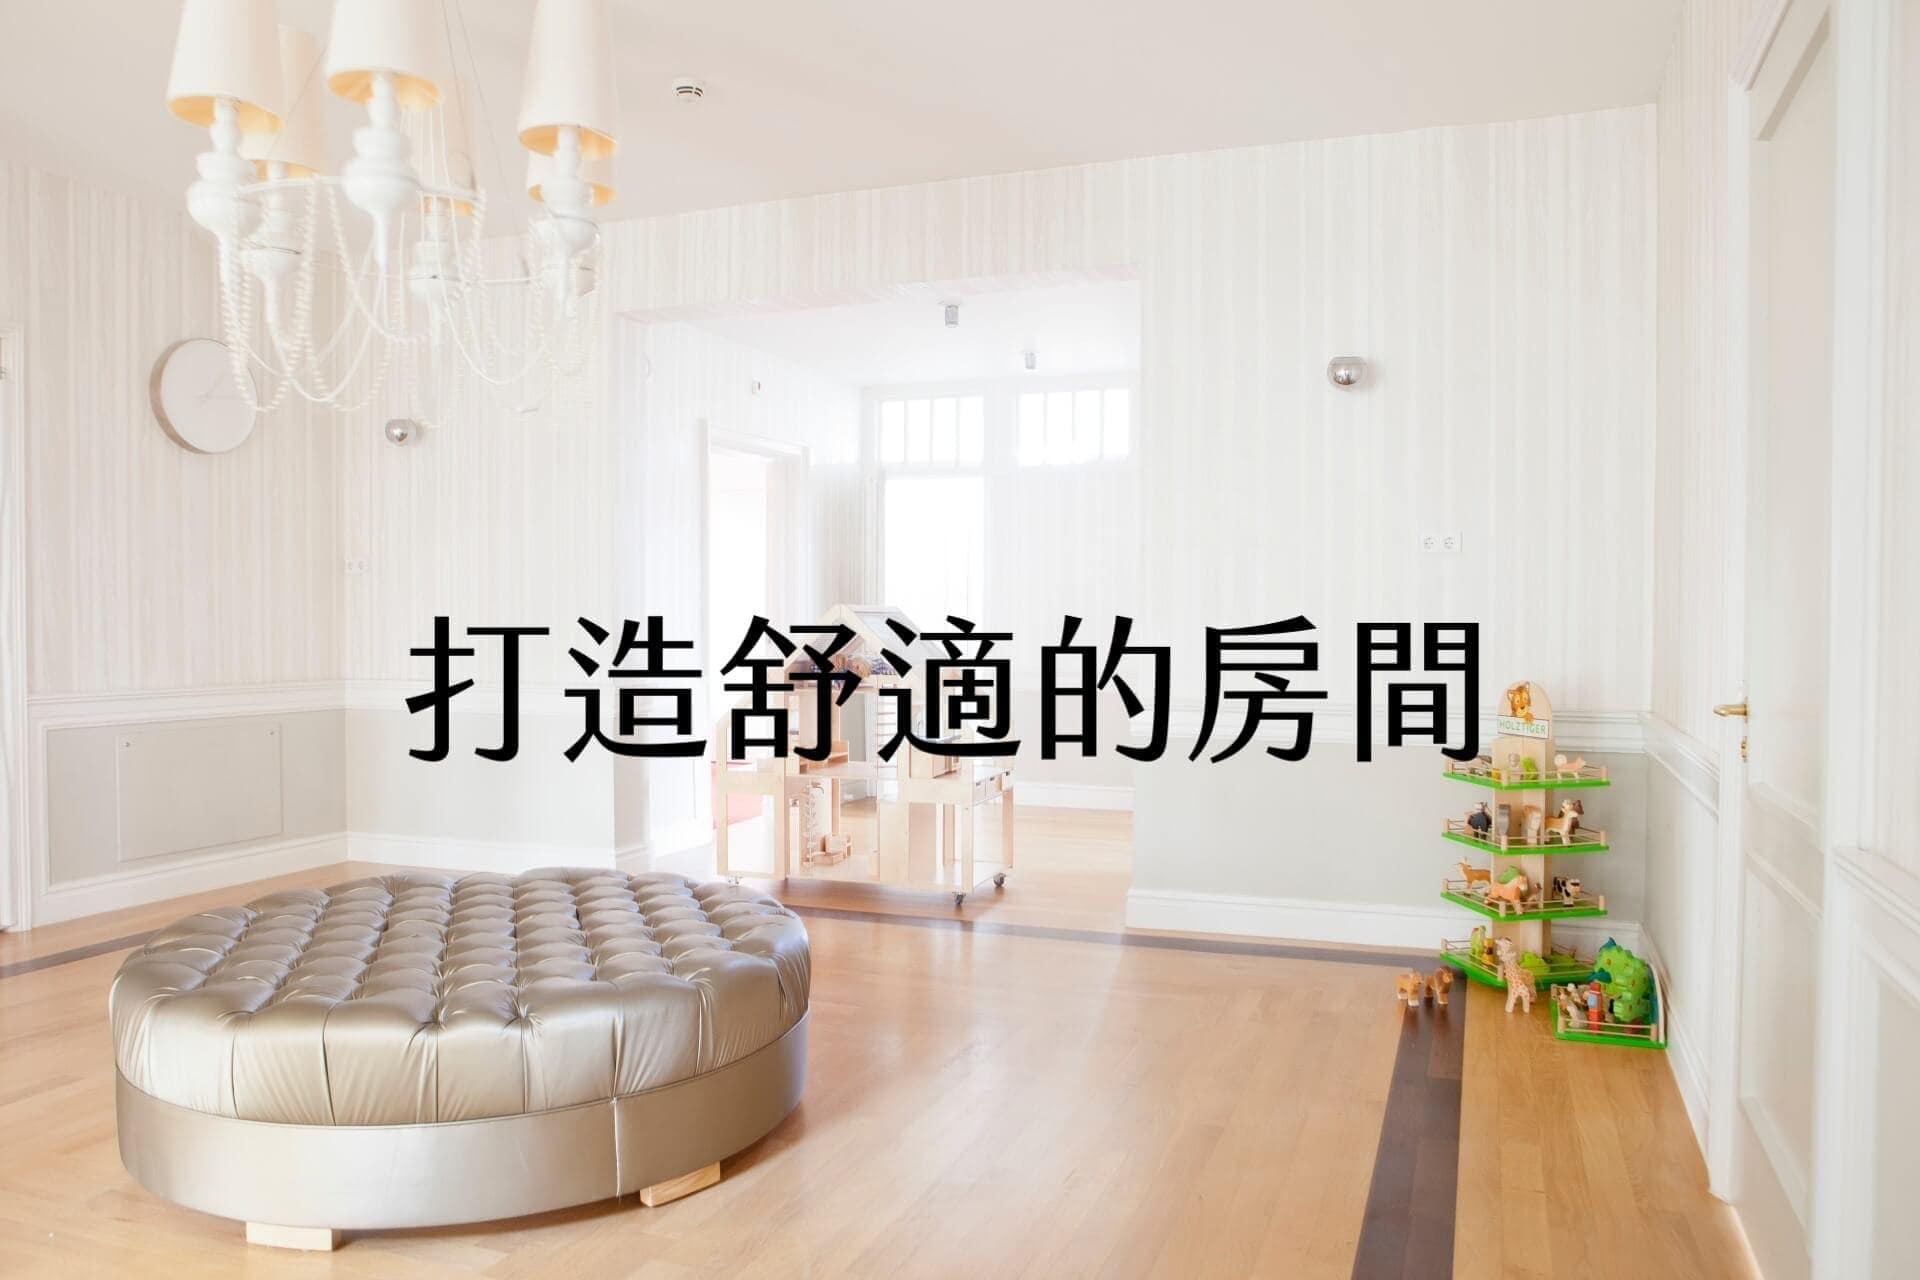 【輕佈置心得】打造舒適的房間 1